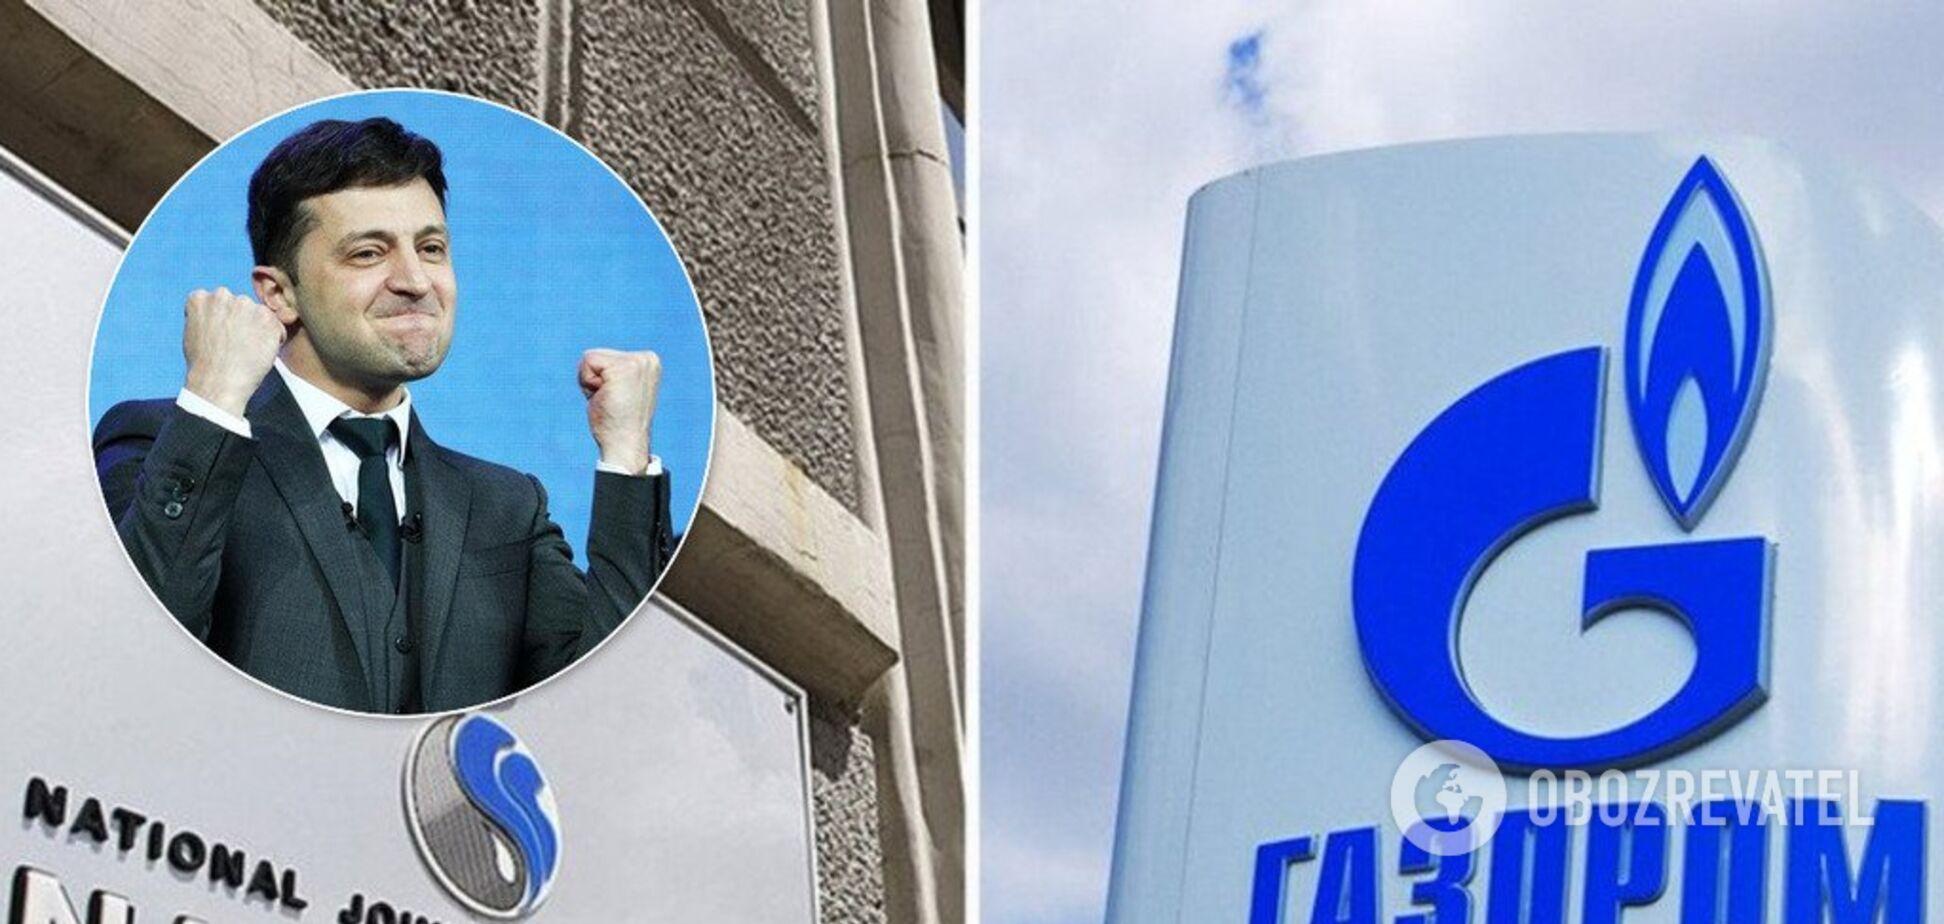 Украинцы раскритиковали Зеленского за присвоение чужих заслуг